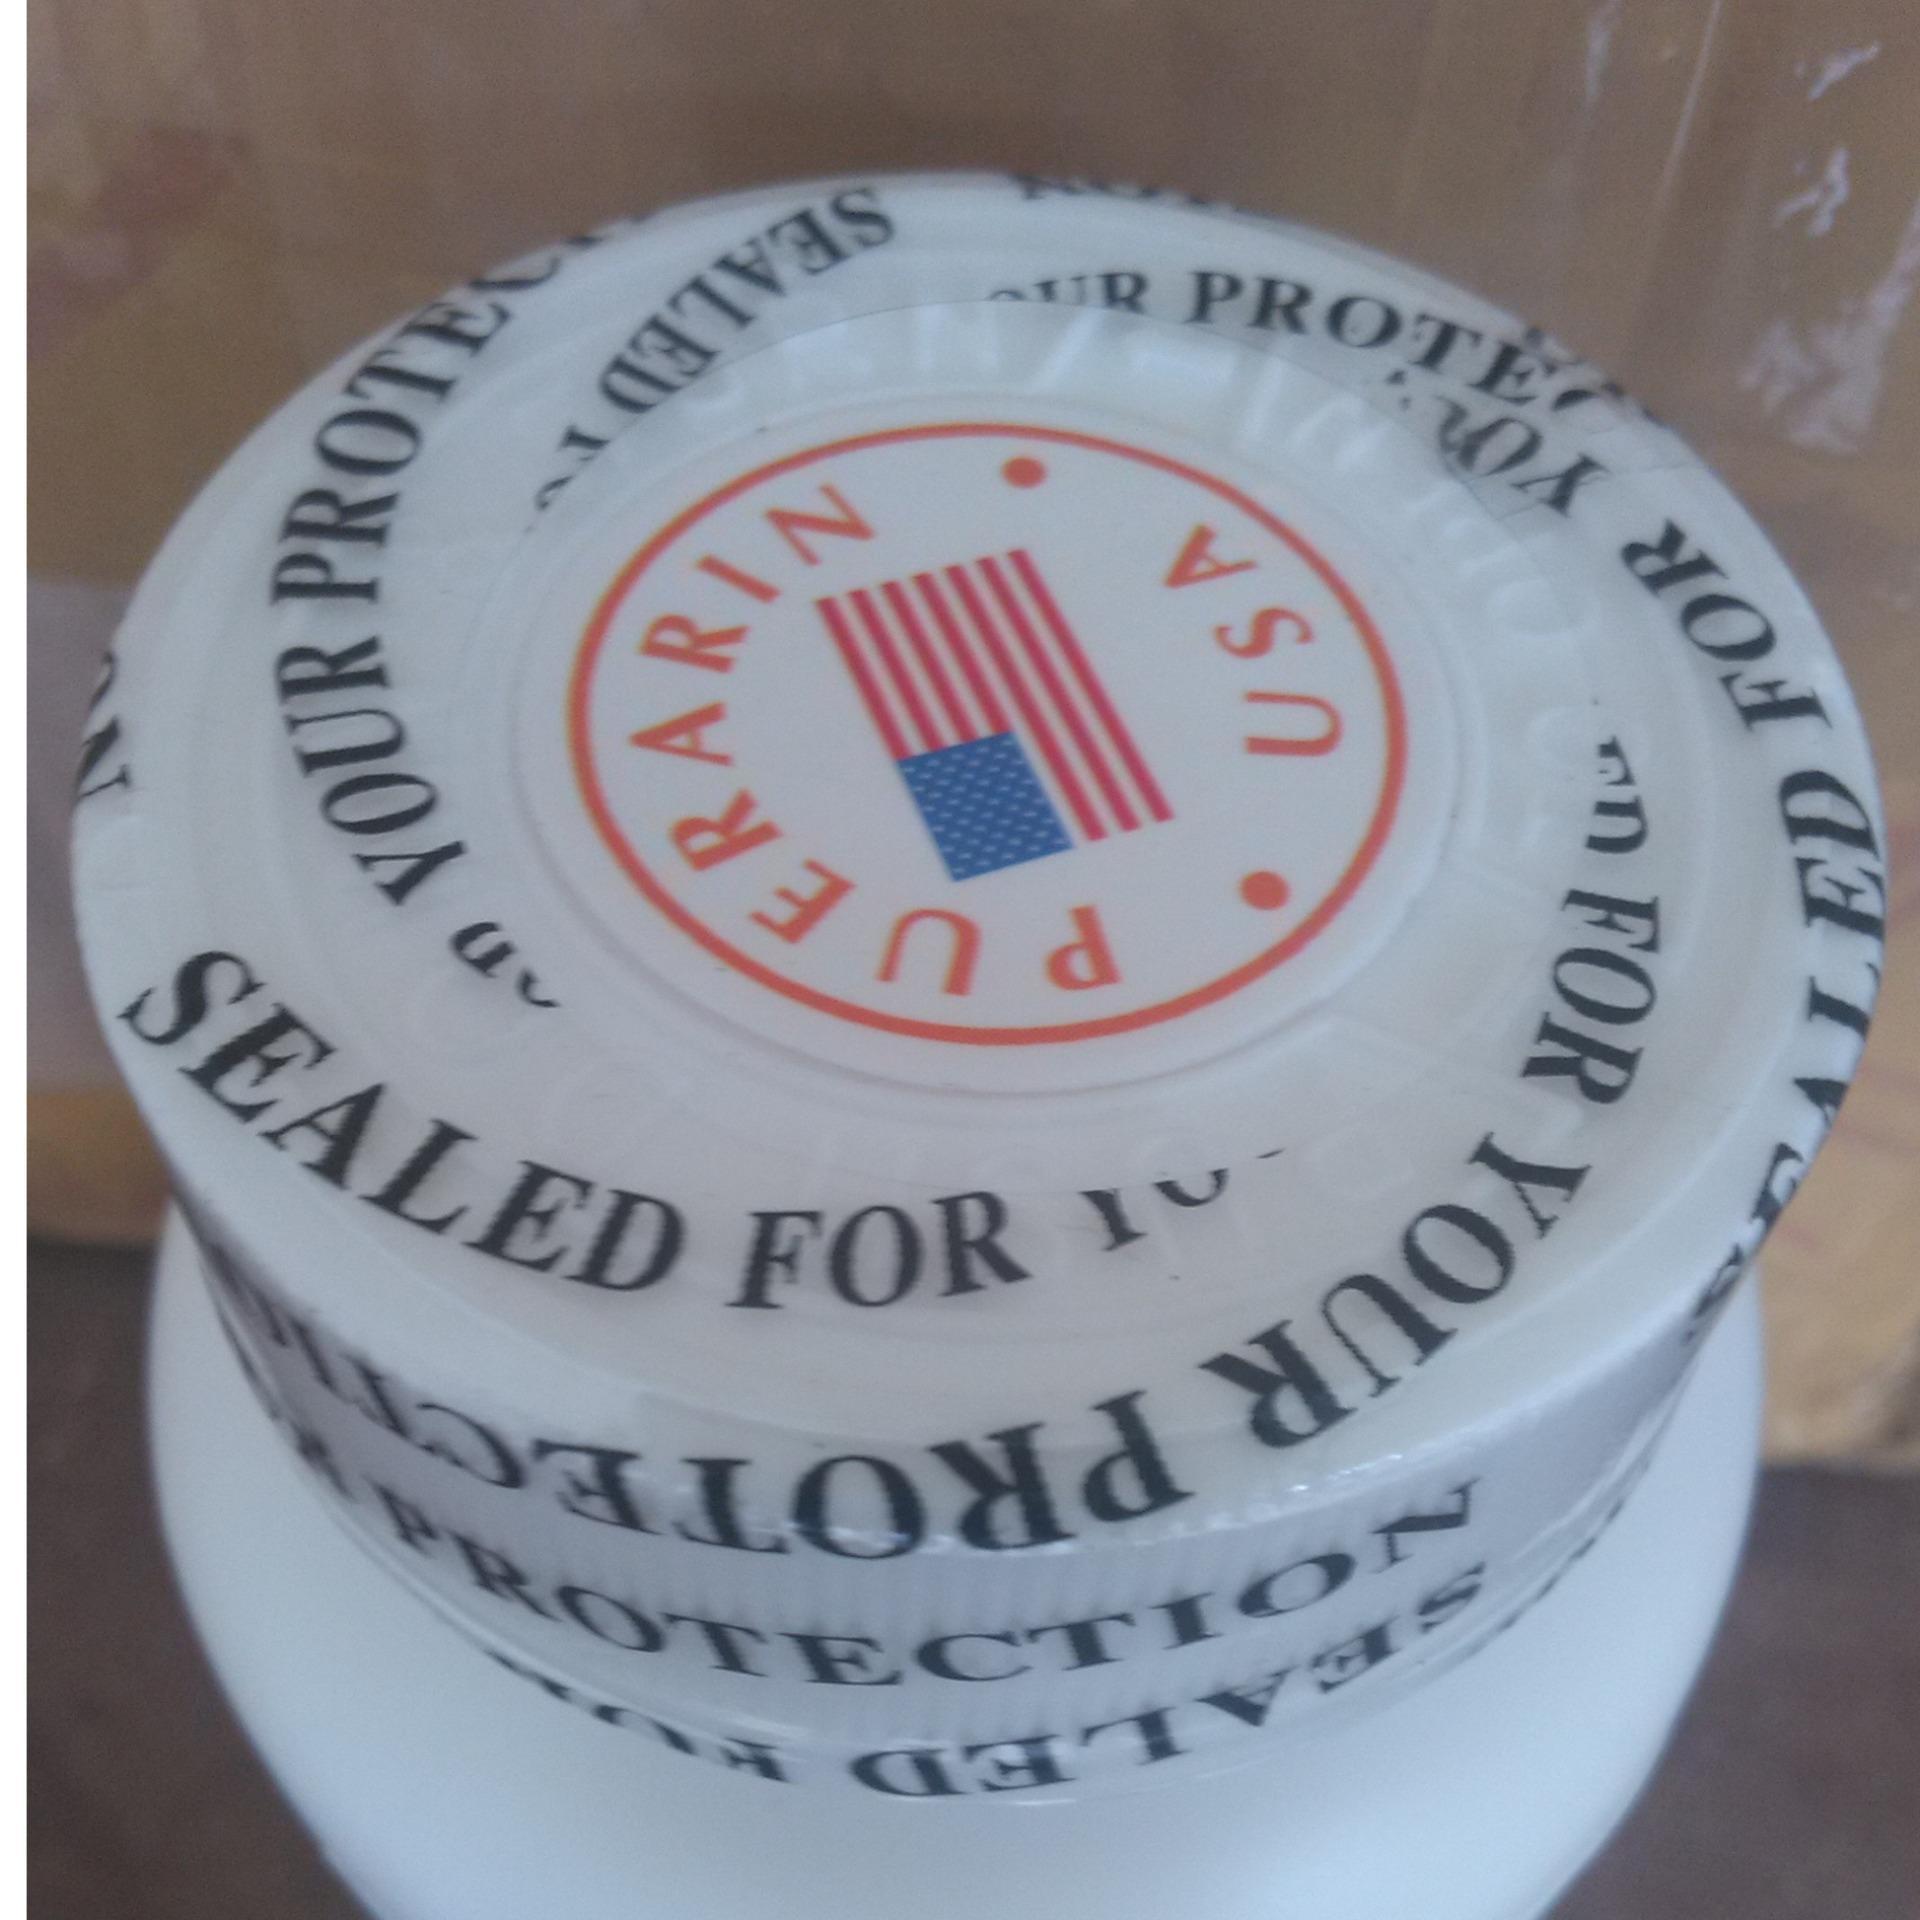 Puerarin softcapsul pembesar payudara original botol putih .